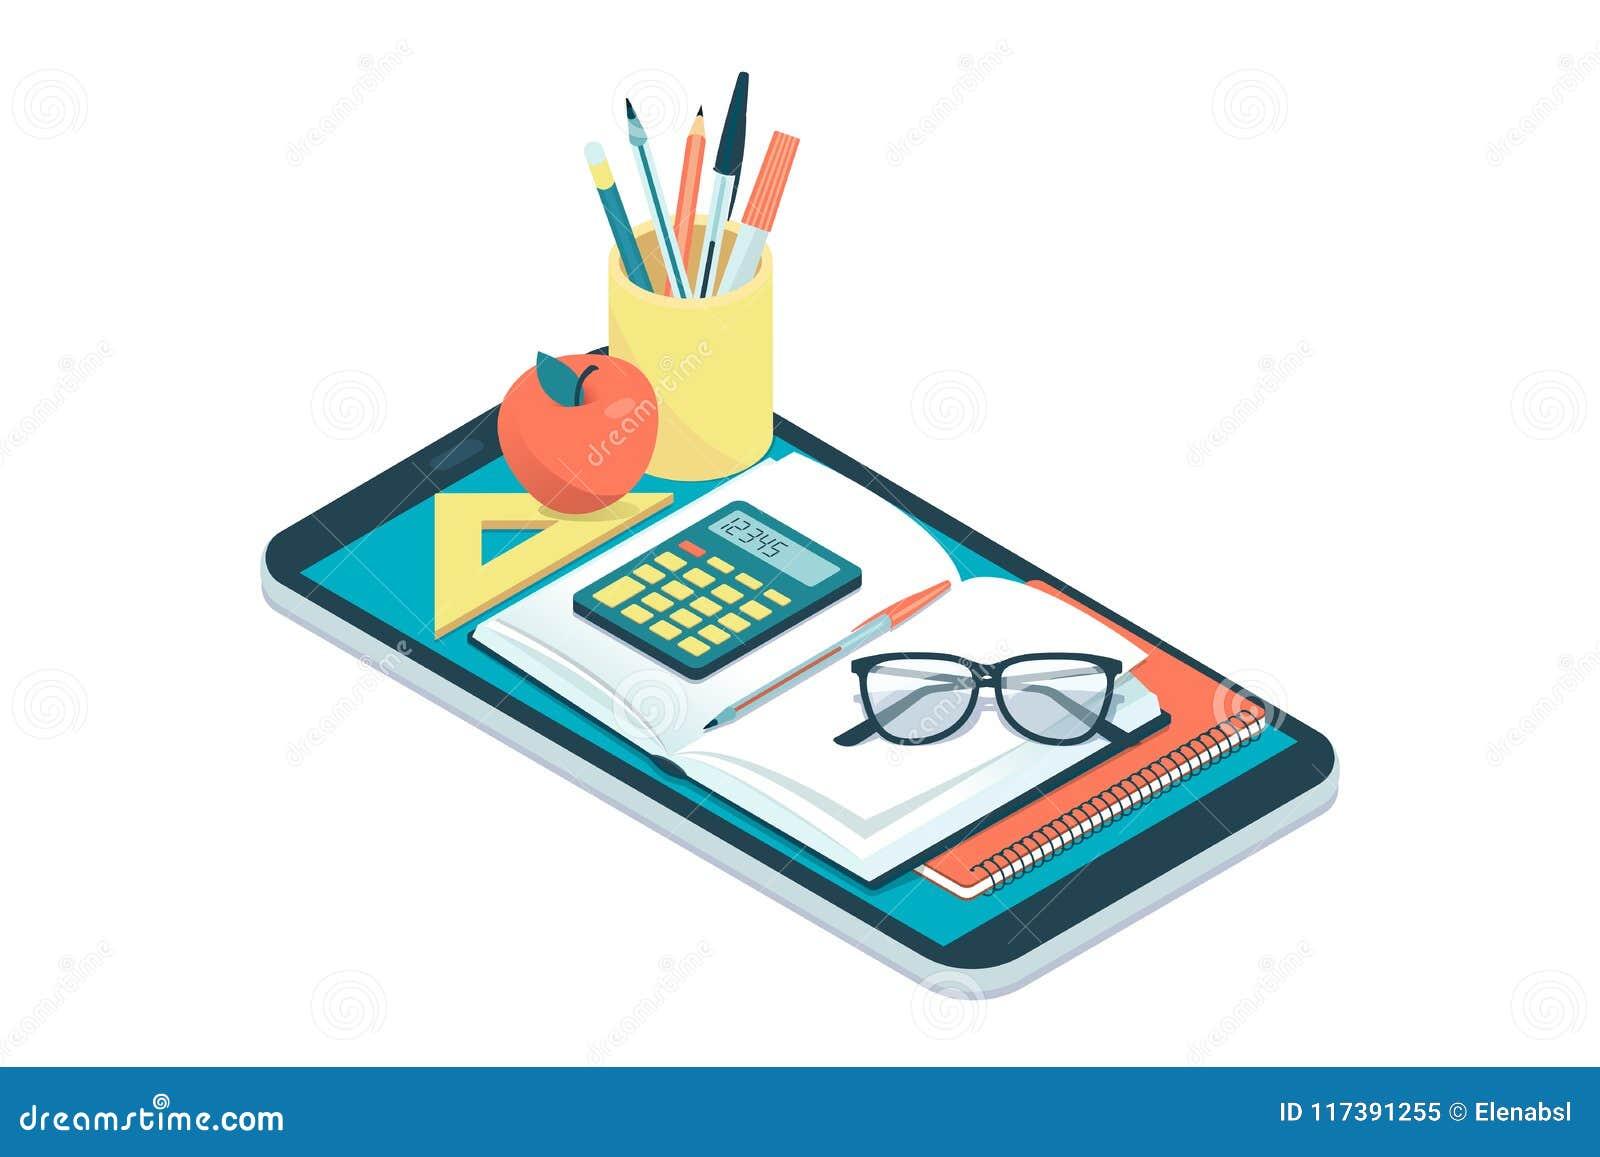 Bildung Und Lernen